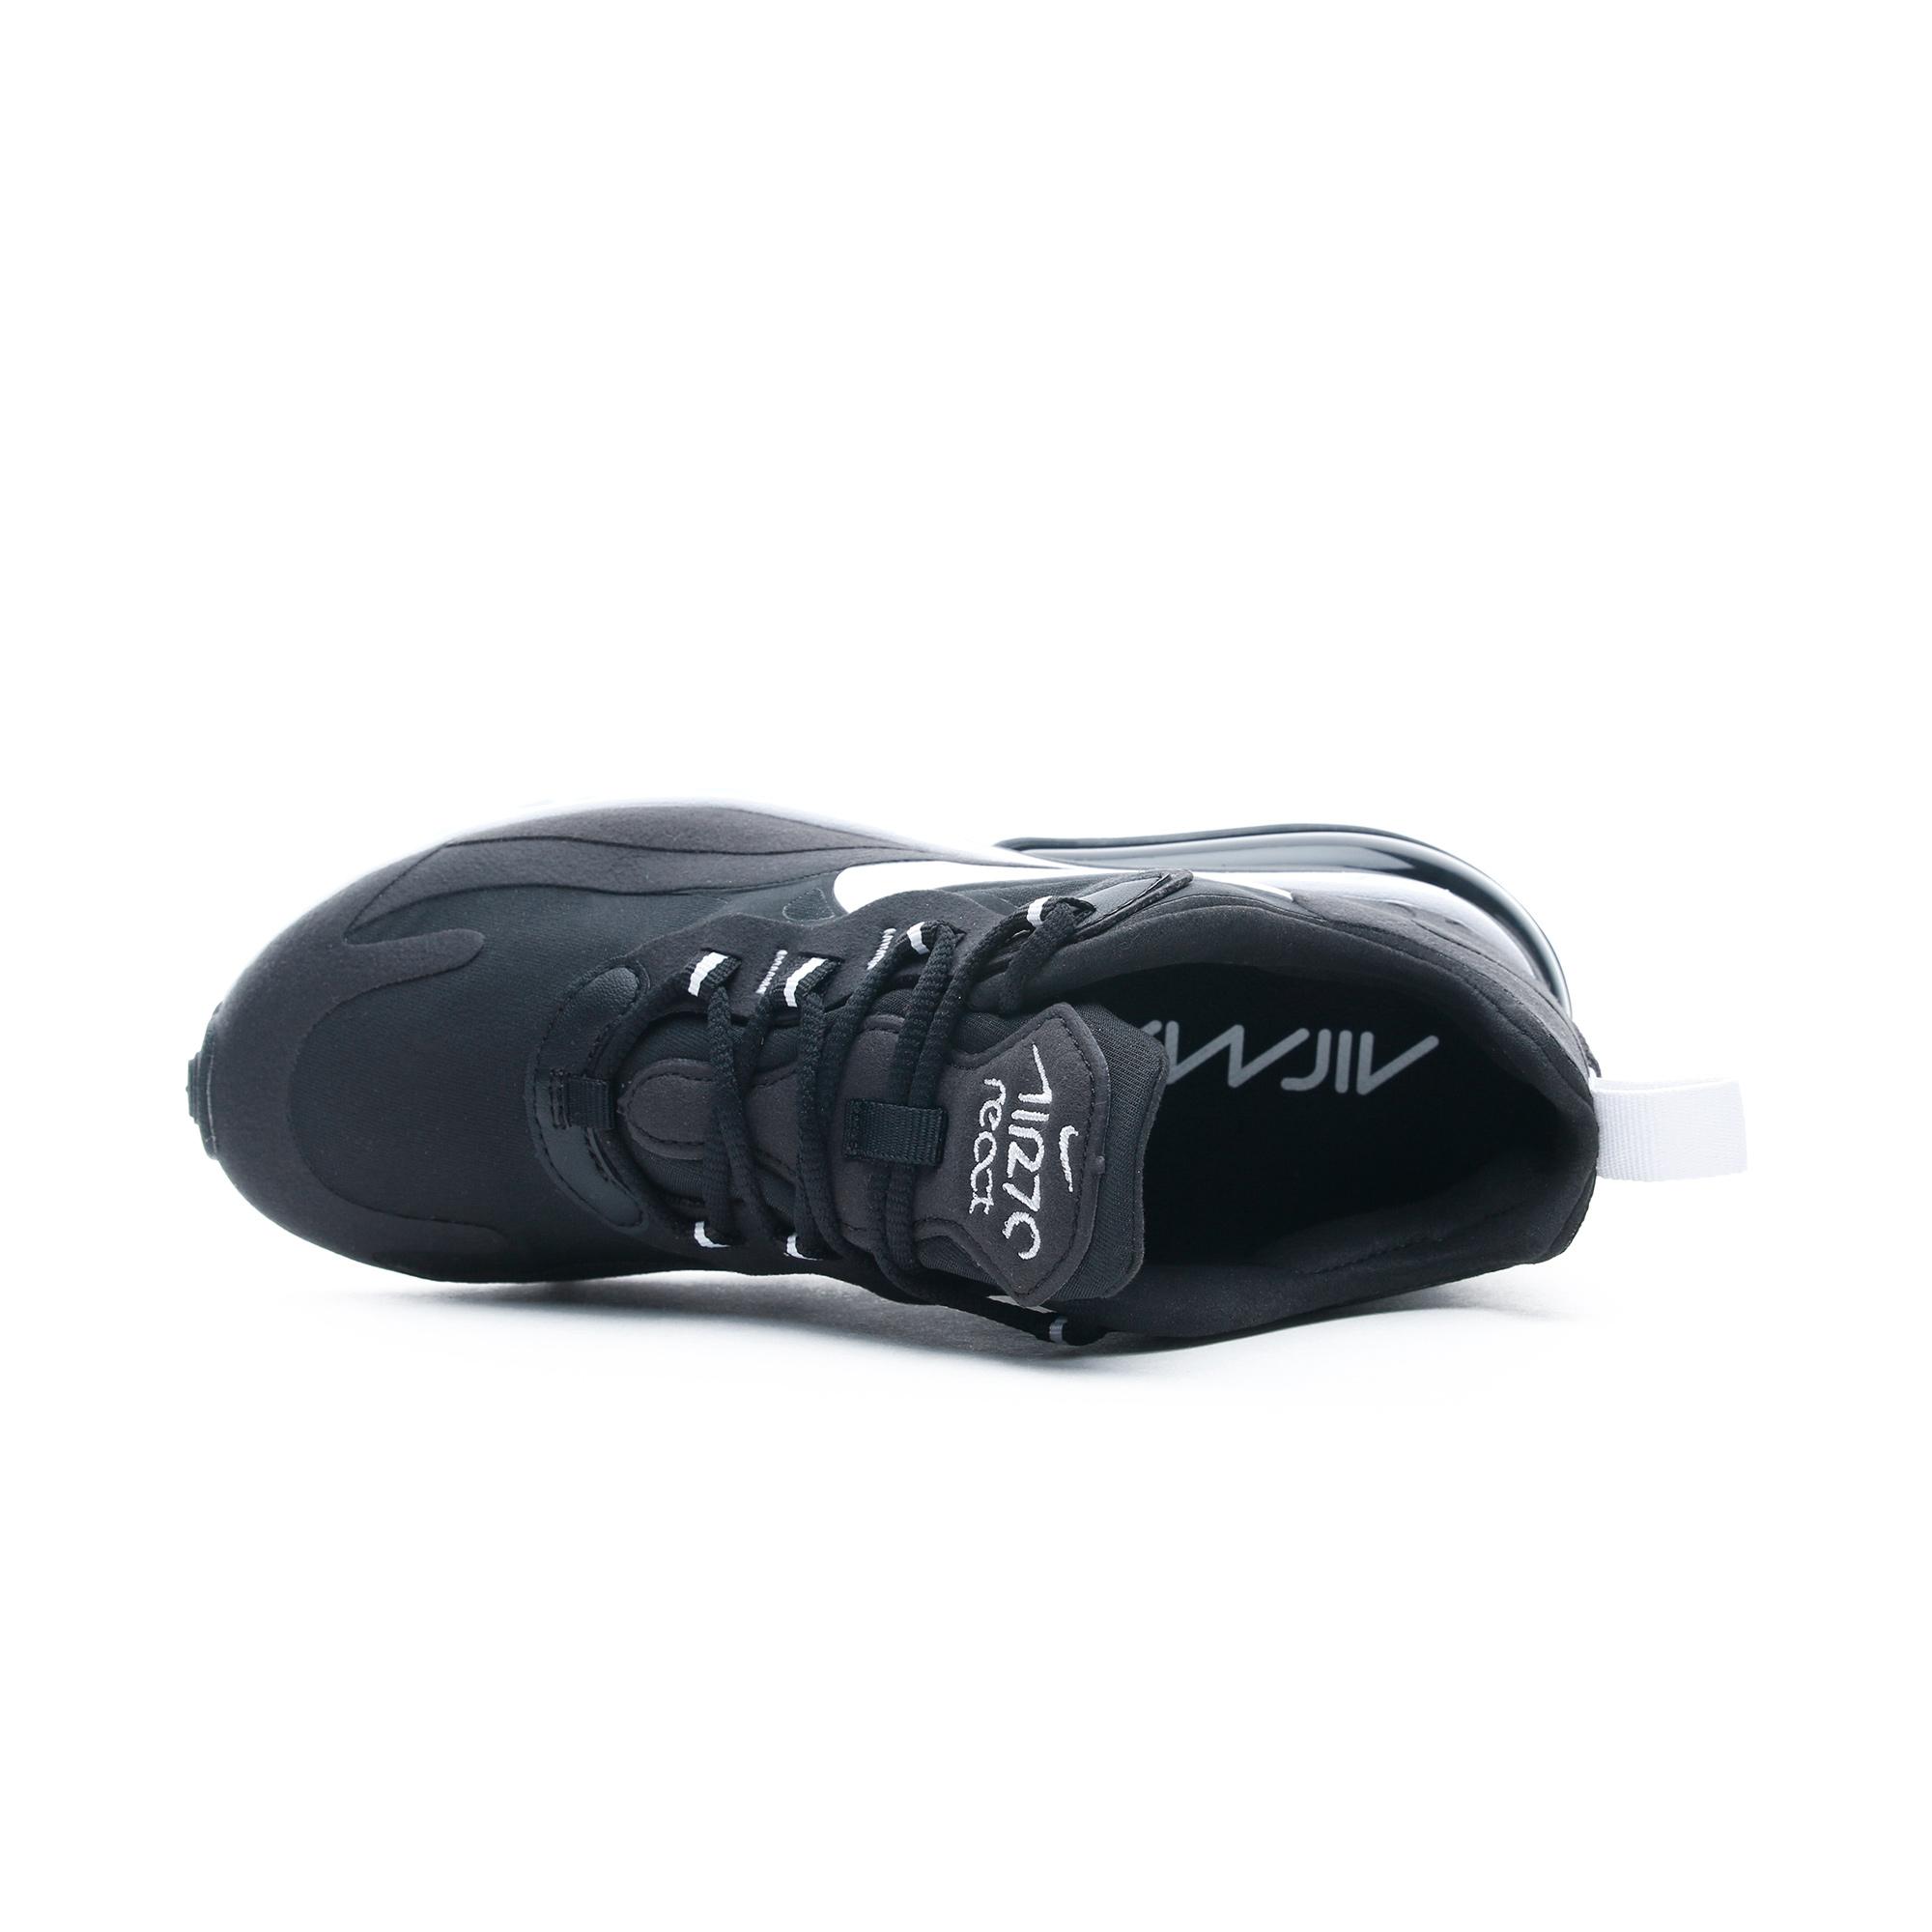 Nike Air Max 270 React Kadın Siyah Spor Ayakkabı